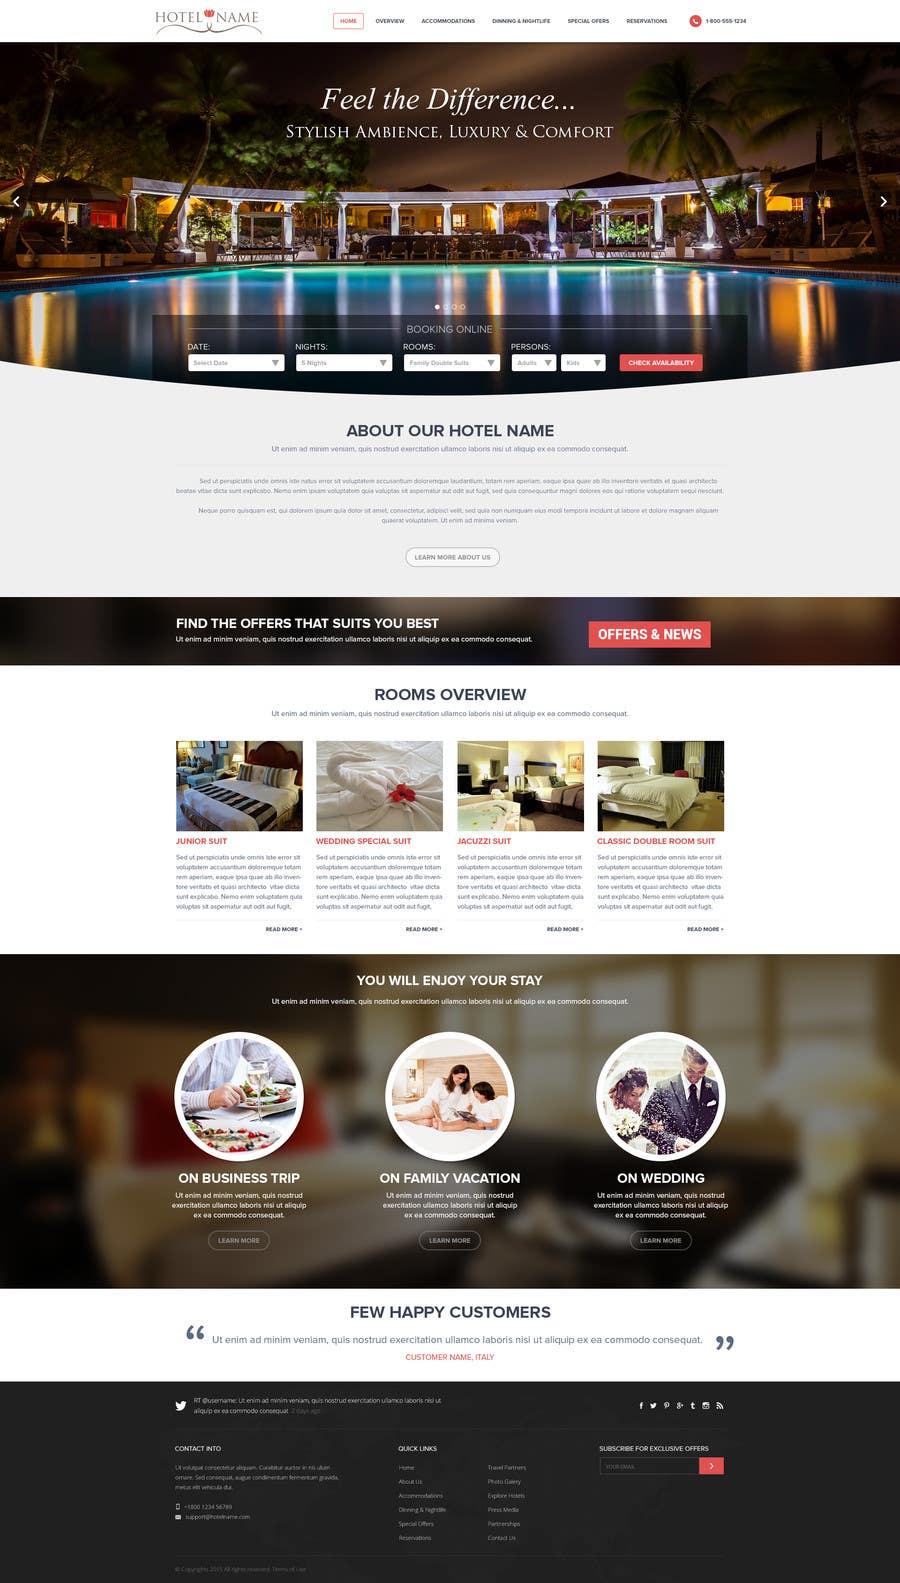 Konkurrenceindlæg #                                        3                                      for                                         Design a Website Mockup for Hotel